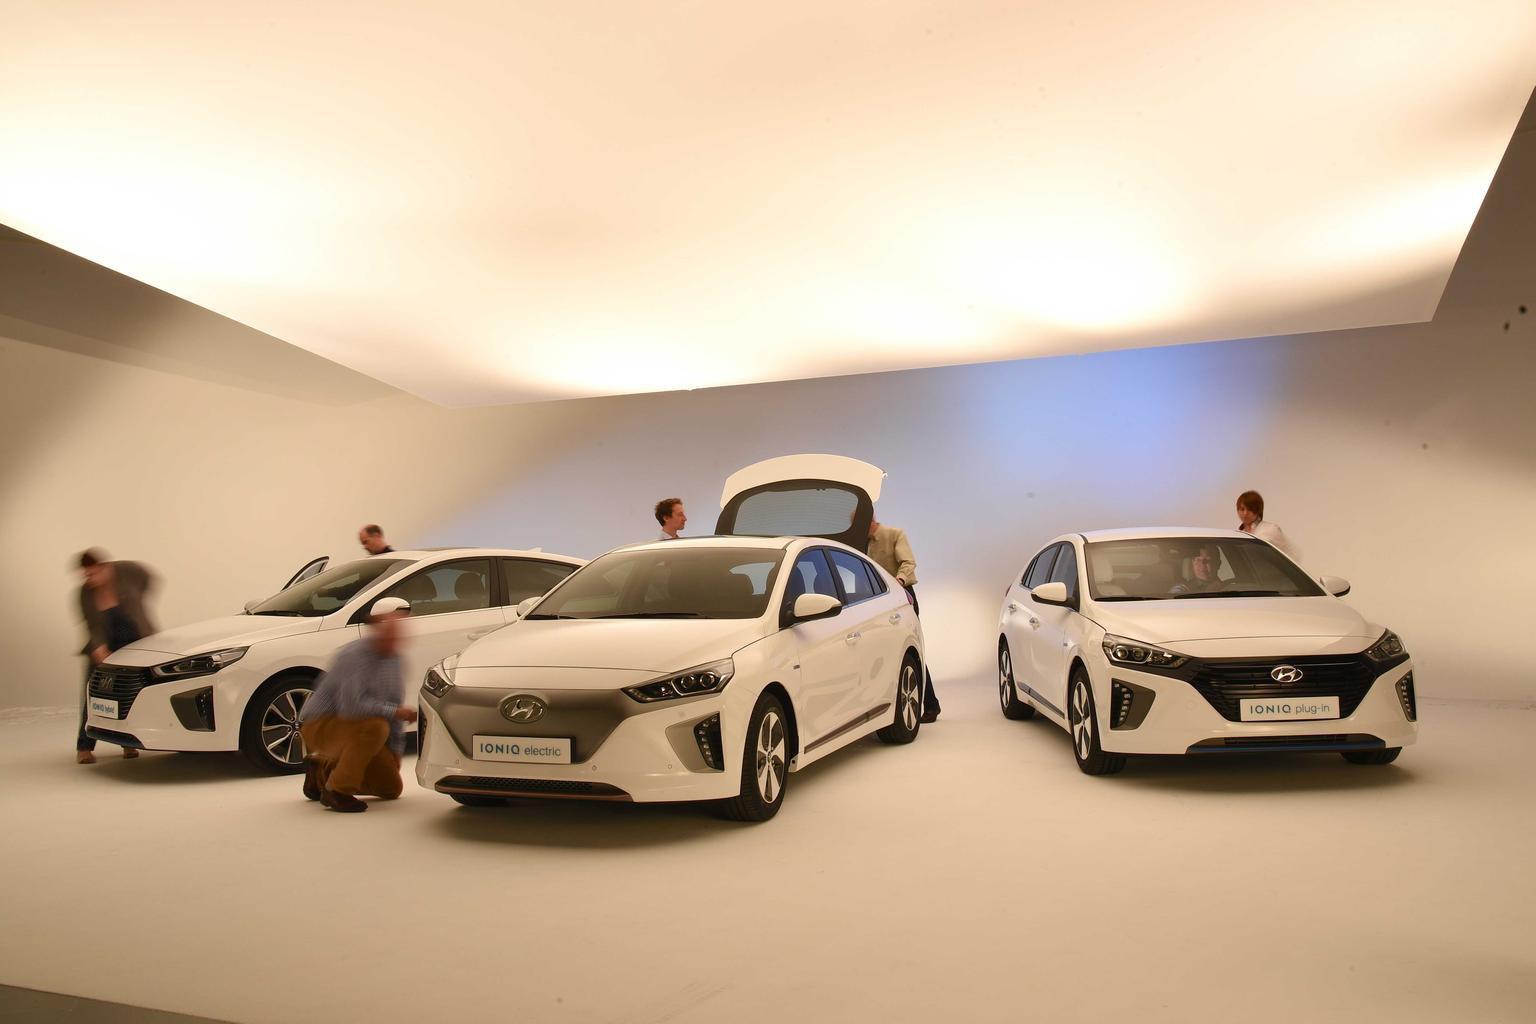 2016 Hyundai Ioniq - video reader review